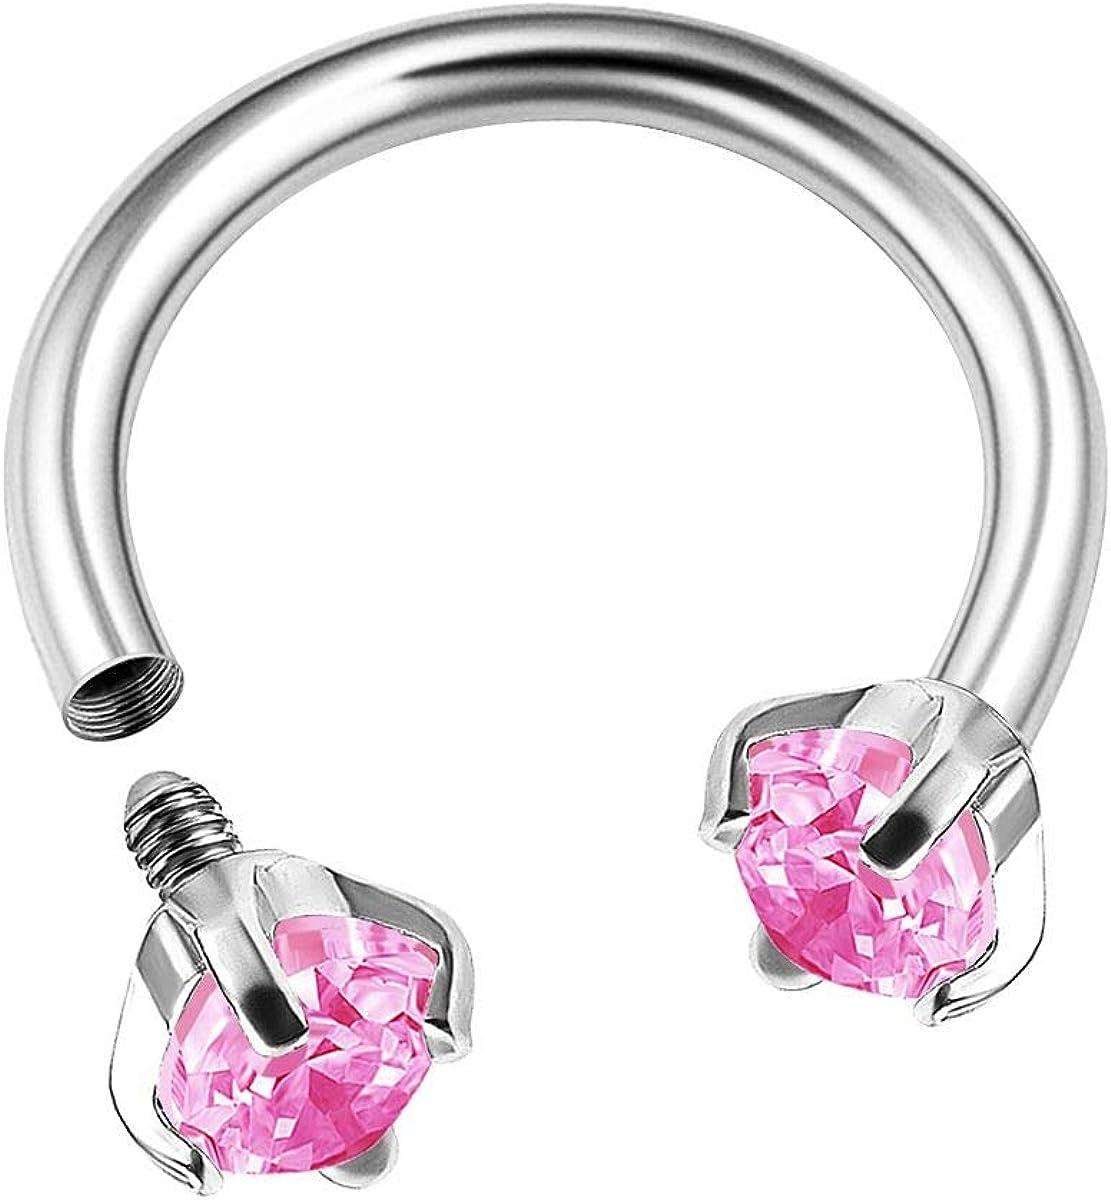 BanaVega Surgical Steel Internally Threaded Horseshoe Hoop 16 Gauge 5/16 8mm 3mm CZ Lobe Earrings Helix Piercing Jewelry Choose Colors